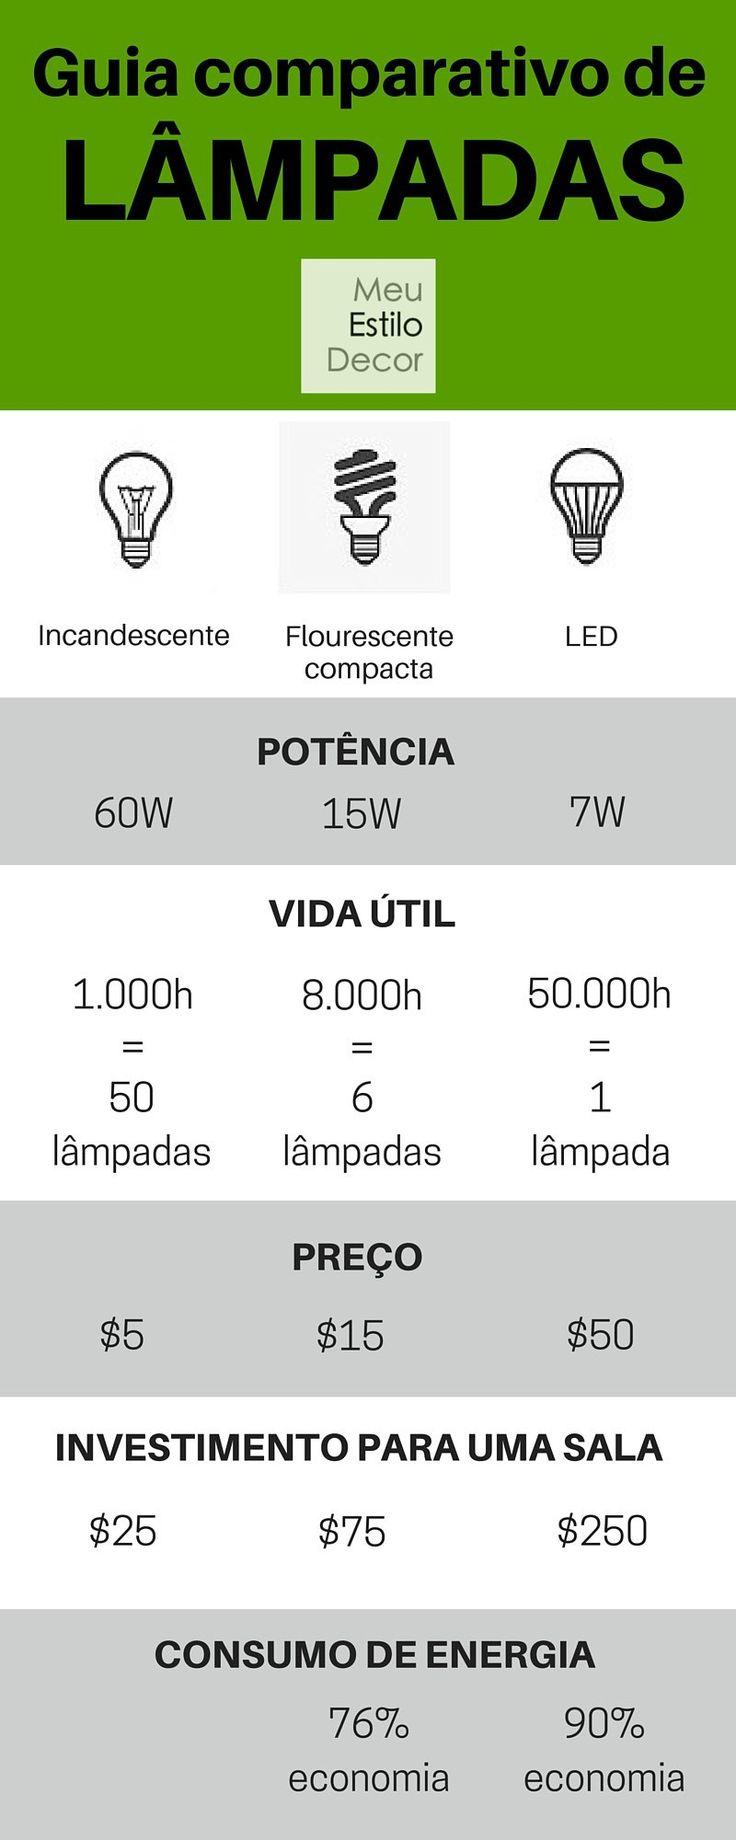 Lâmpadas incandescentes, as lâmpadas comuns que usamos em casa, vão sumir dos mercados até o fim do ano. Já trocou as suas? Veja guia completo.